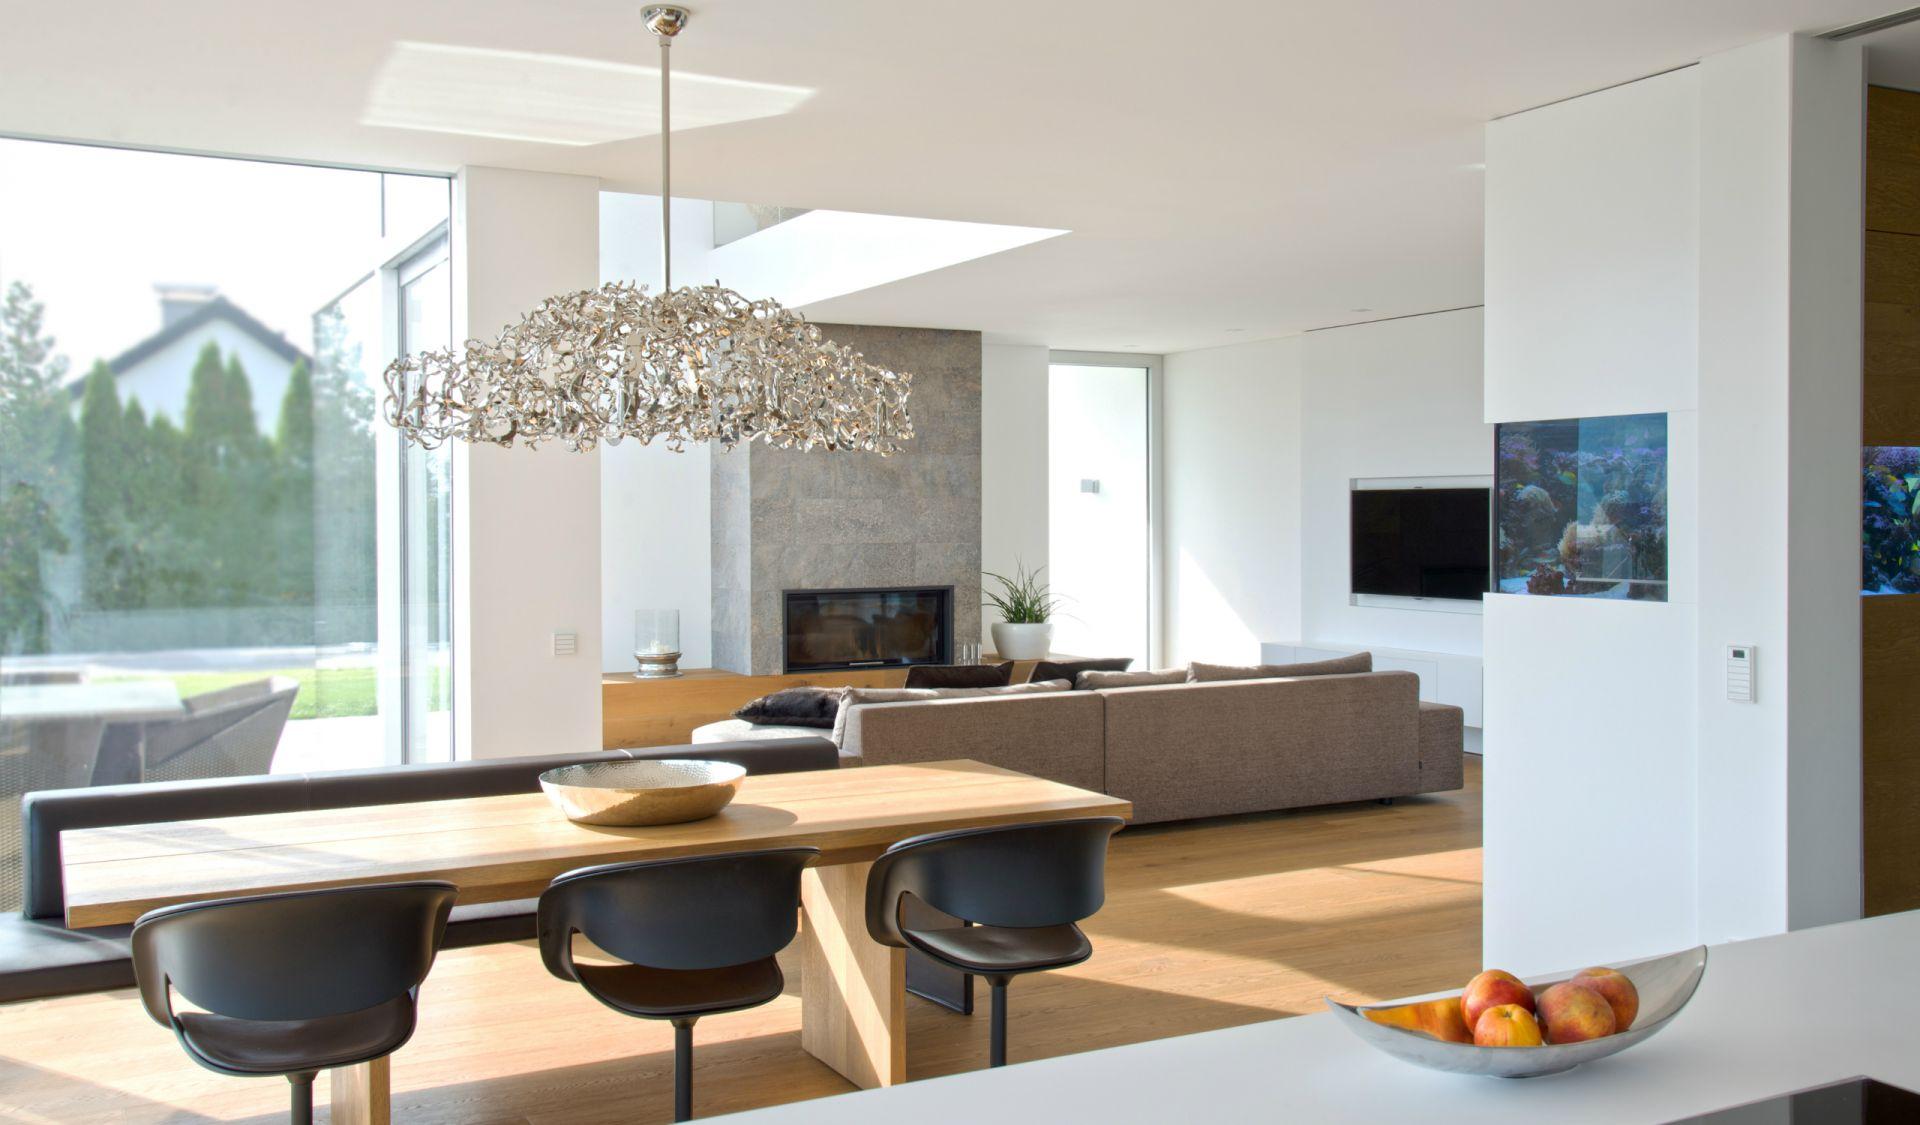 Raumgestaltung Wohnzimmer ~ Die Besten Einrichtungsideen und ...